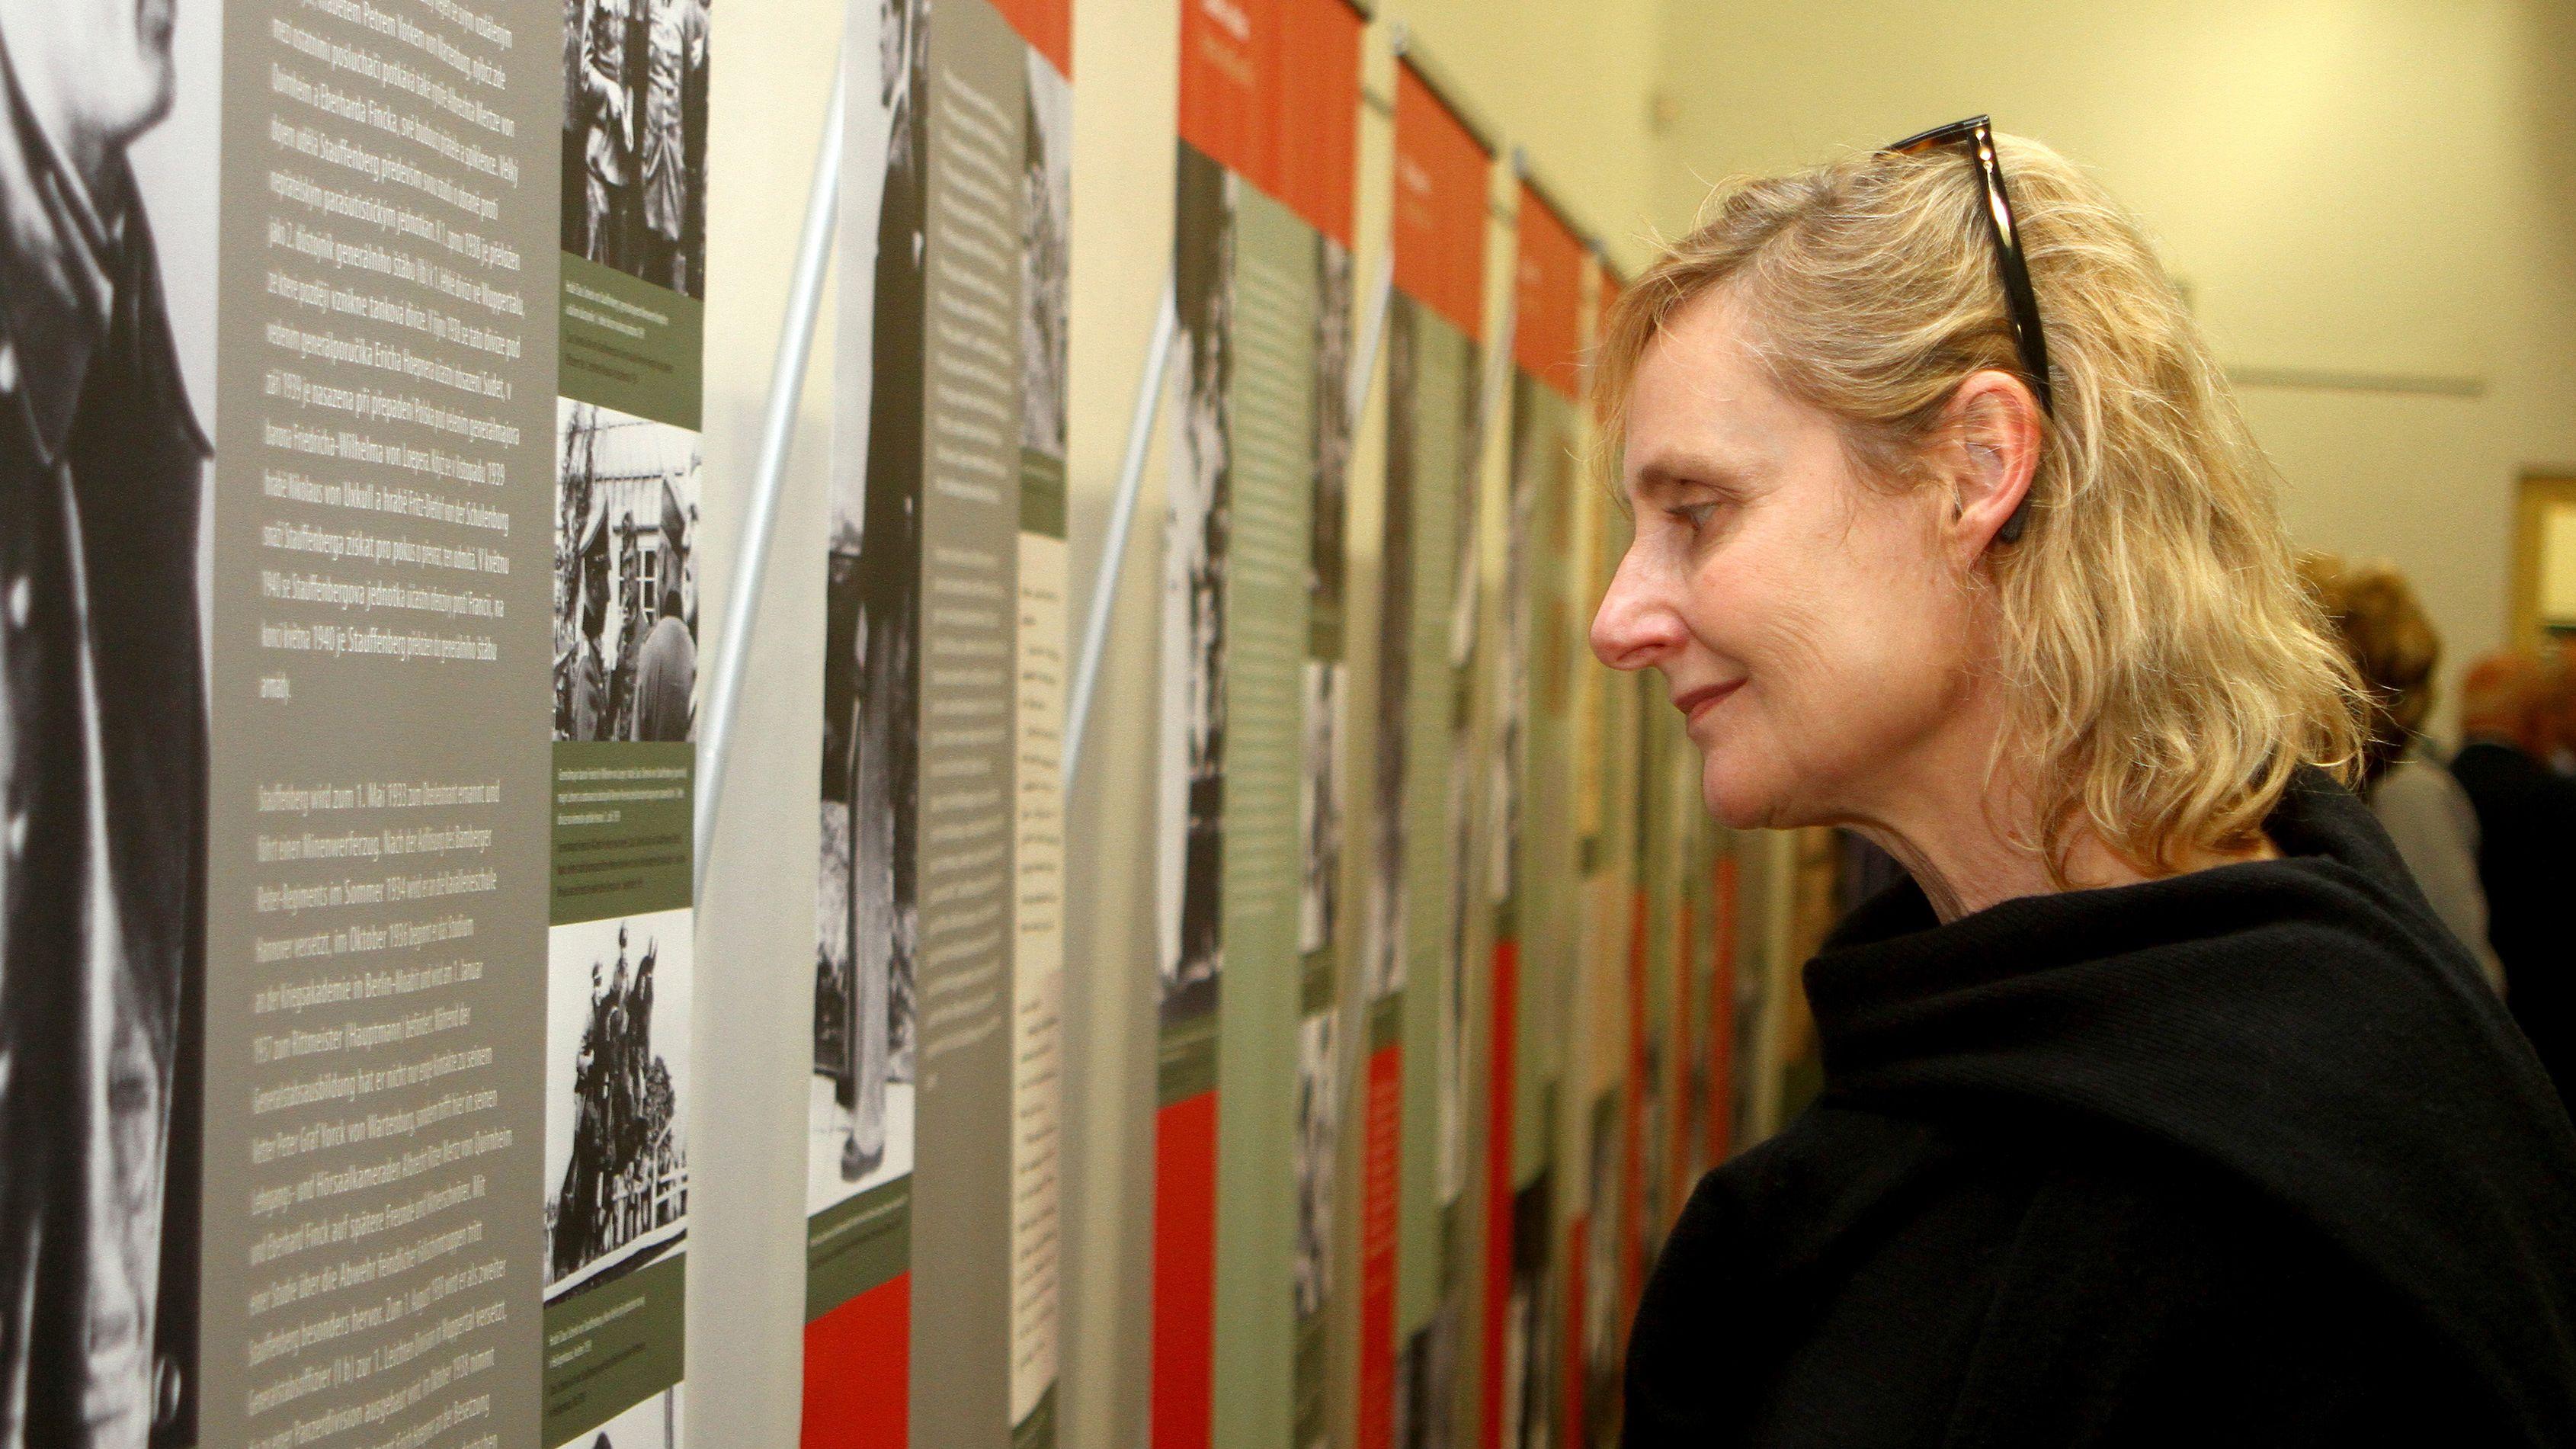 Elisabeth Ruge 2014 bei der Eröffnung einer Ausstellung zu Ehren von Claus Schenk von Stauffenberg